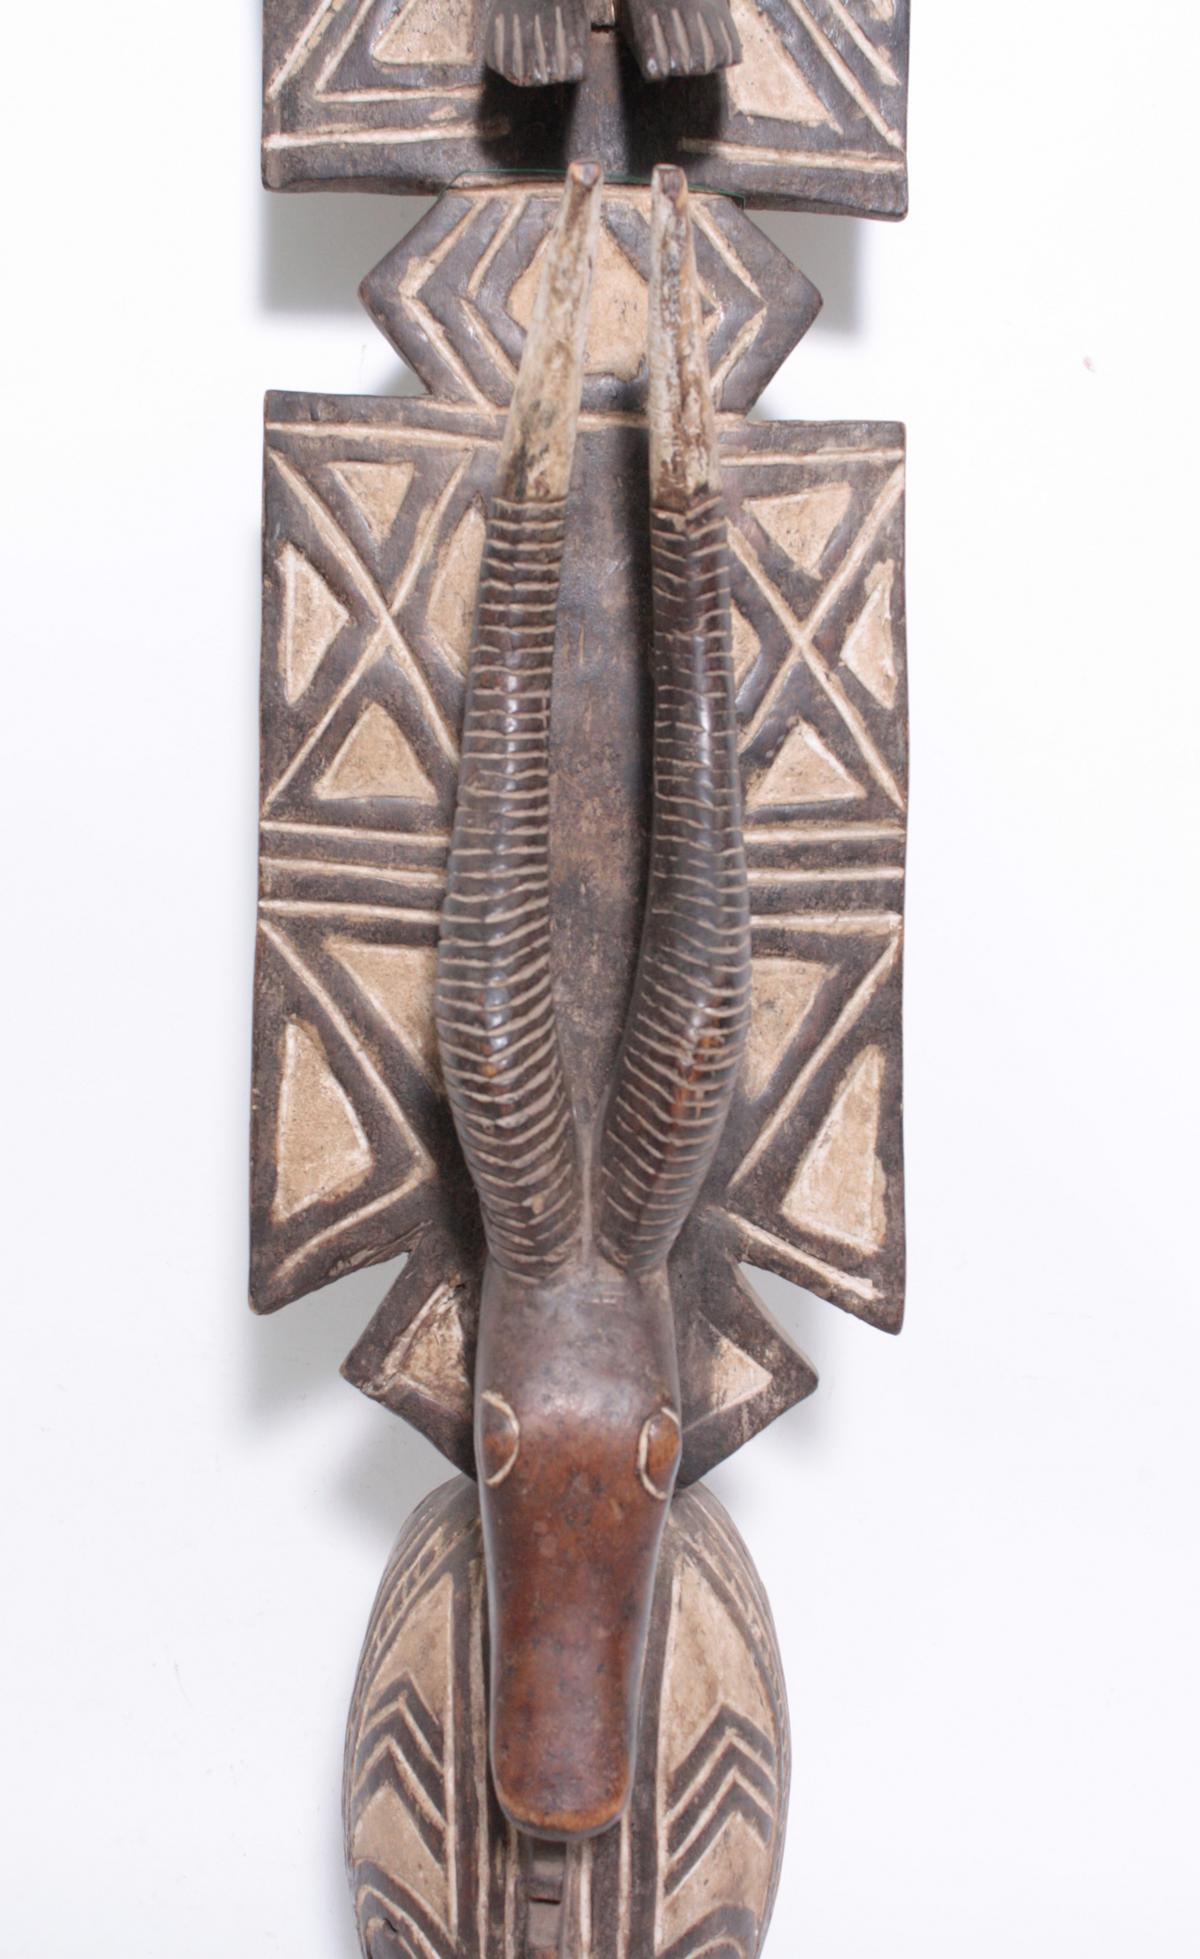 Aufsatz-Tanzmaske, Mossi, Burkina Faso, 1. Hälfte 20. Jh.Holz, geschnitzt. Flach reliefiertes - Bild 3 aus 6